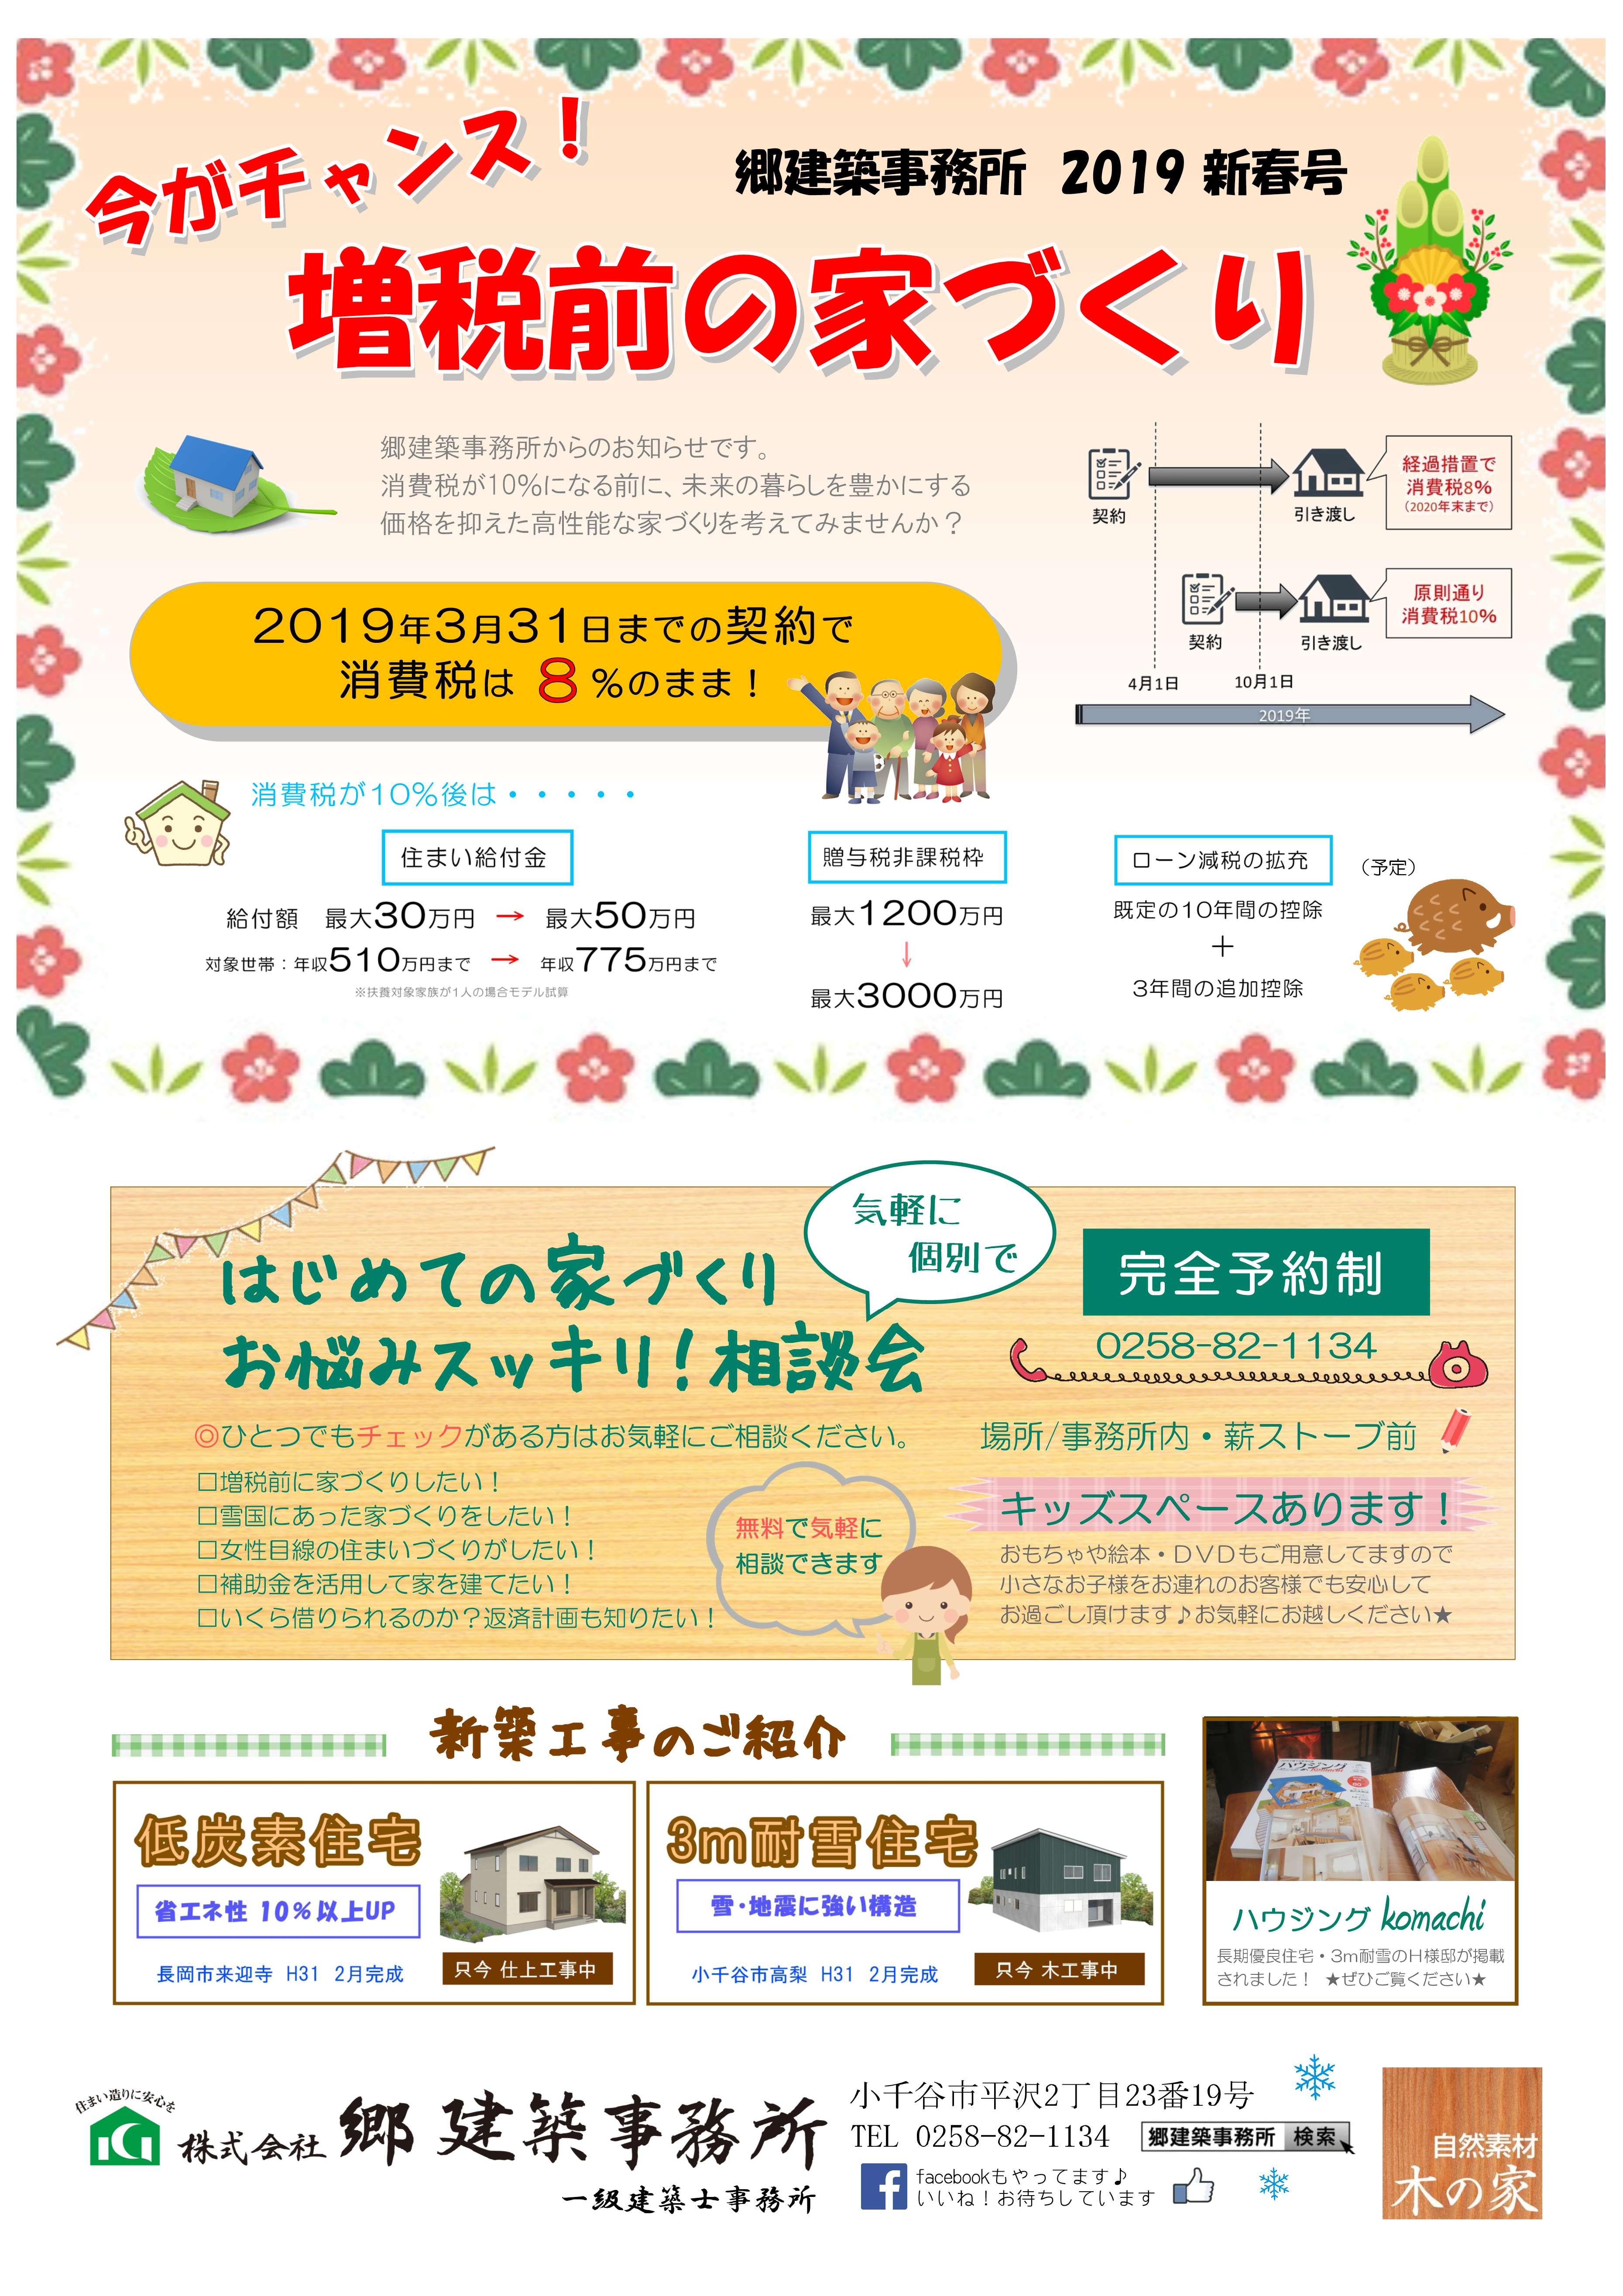 2019新春号(郷建築)